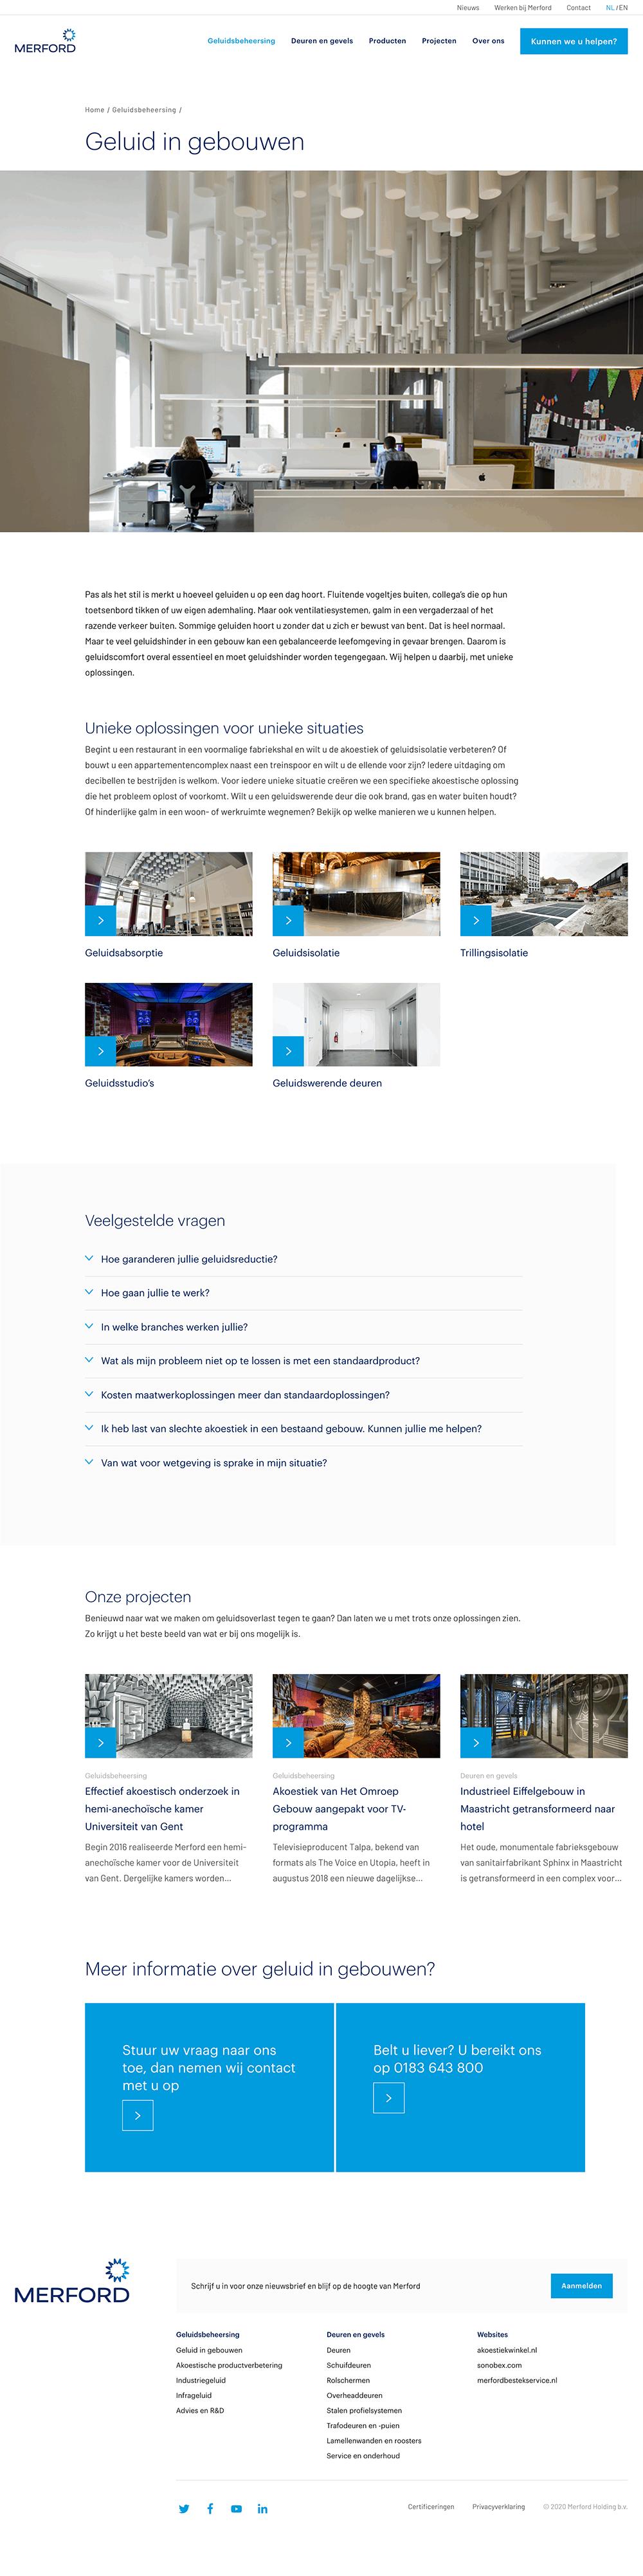 screencapture-merford-nl-geluidsbeheersing-geluid-gebouwen-2020-04-21-11_47_52 copy